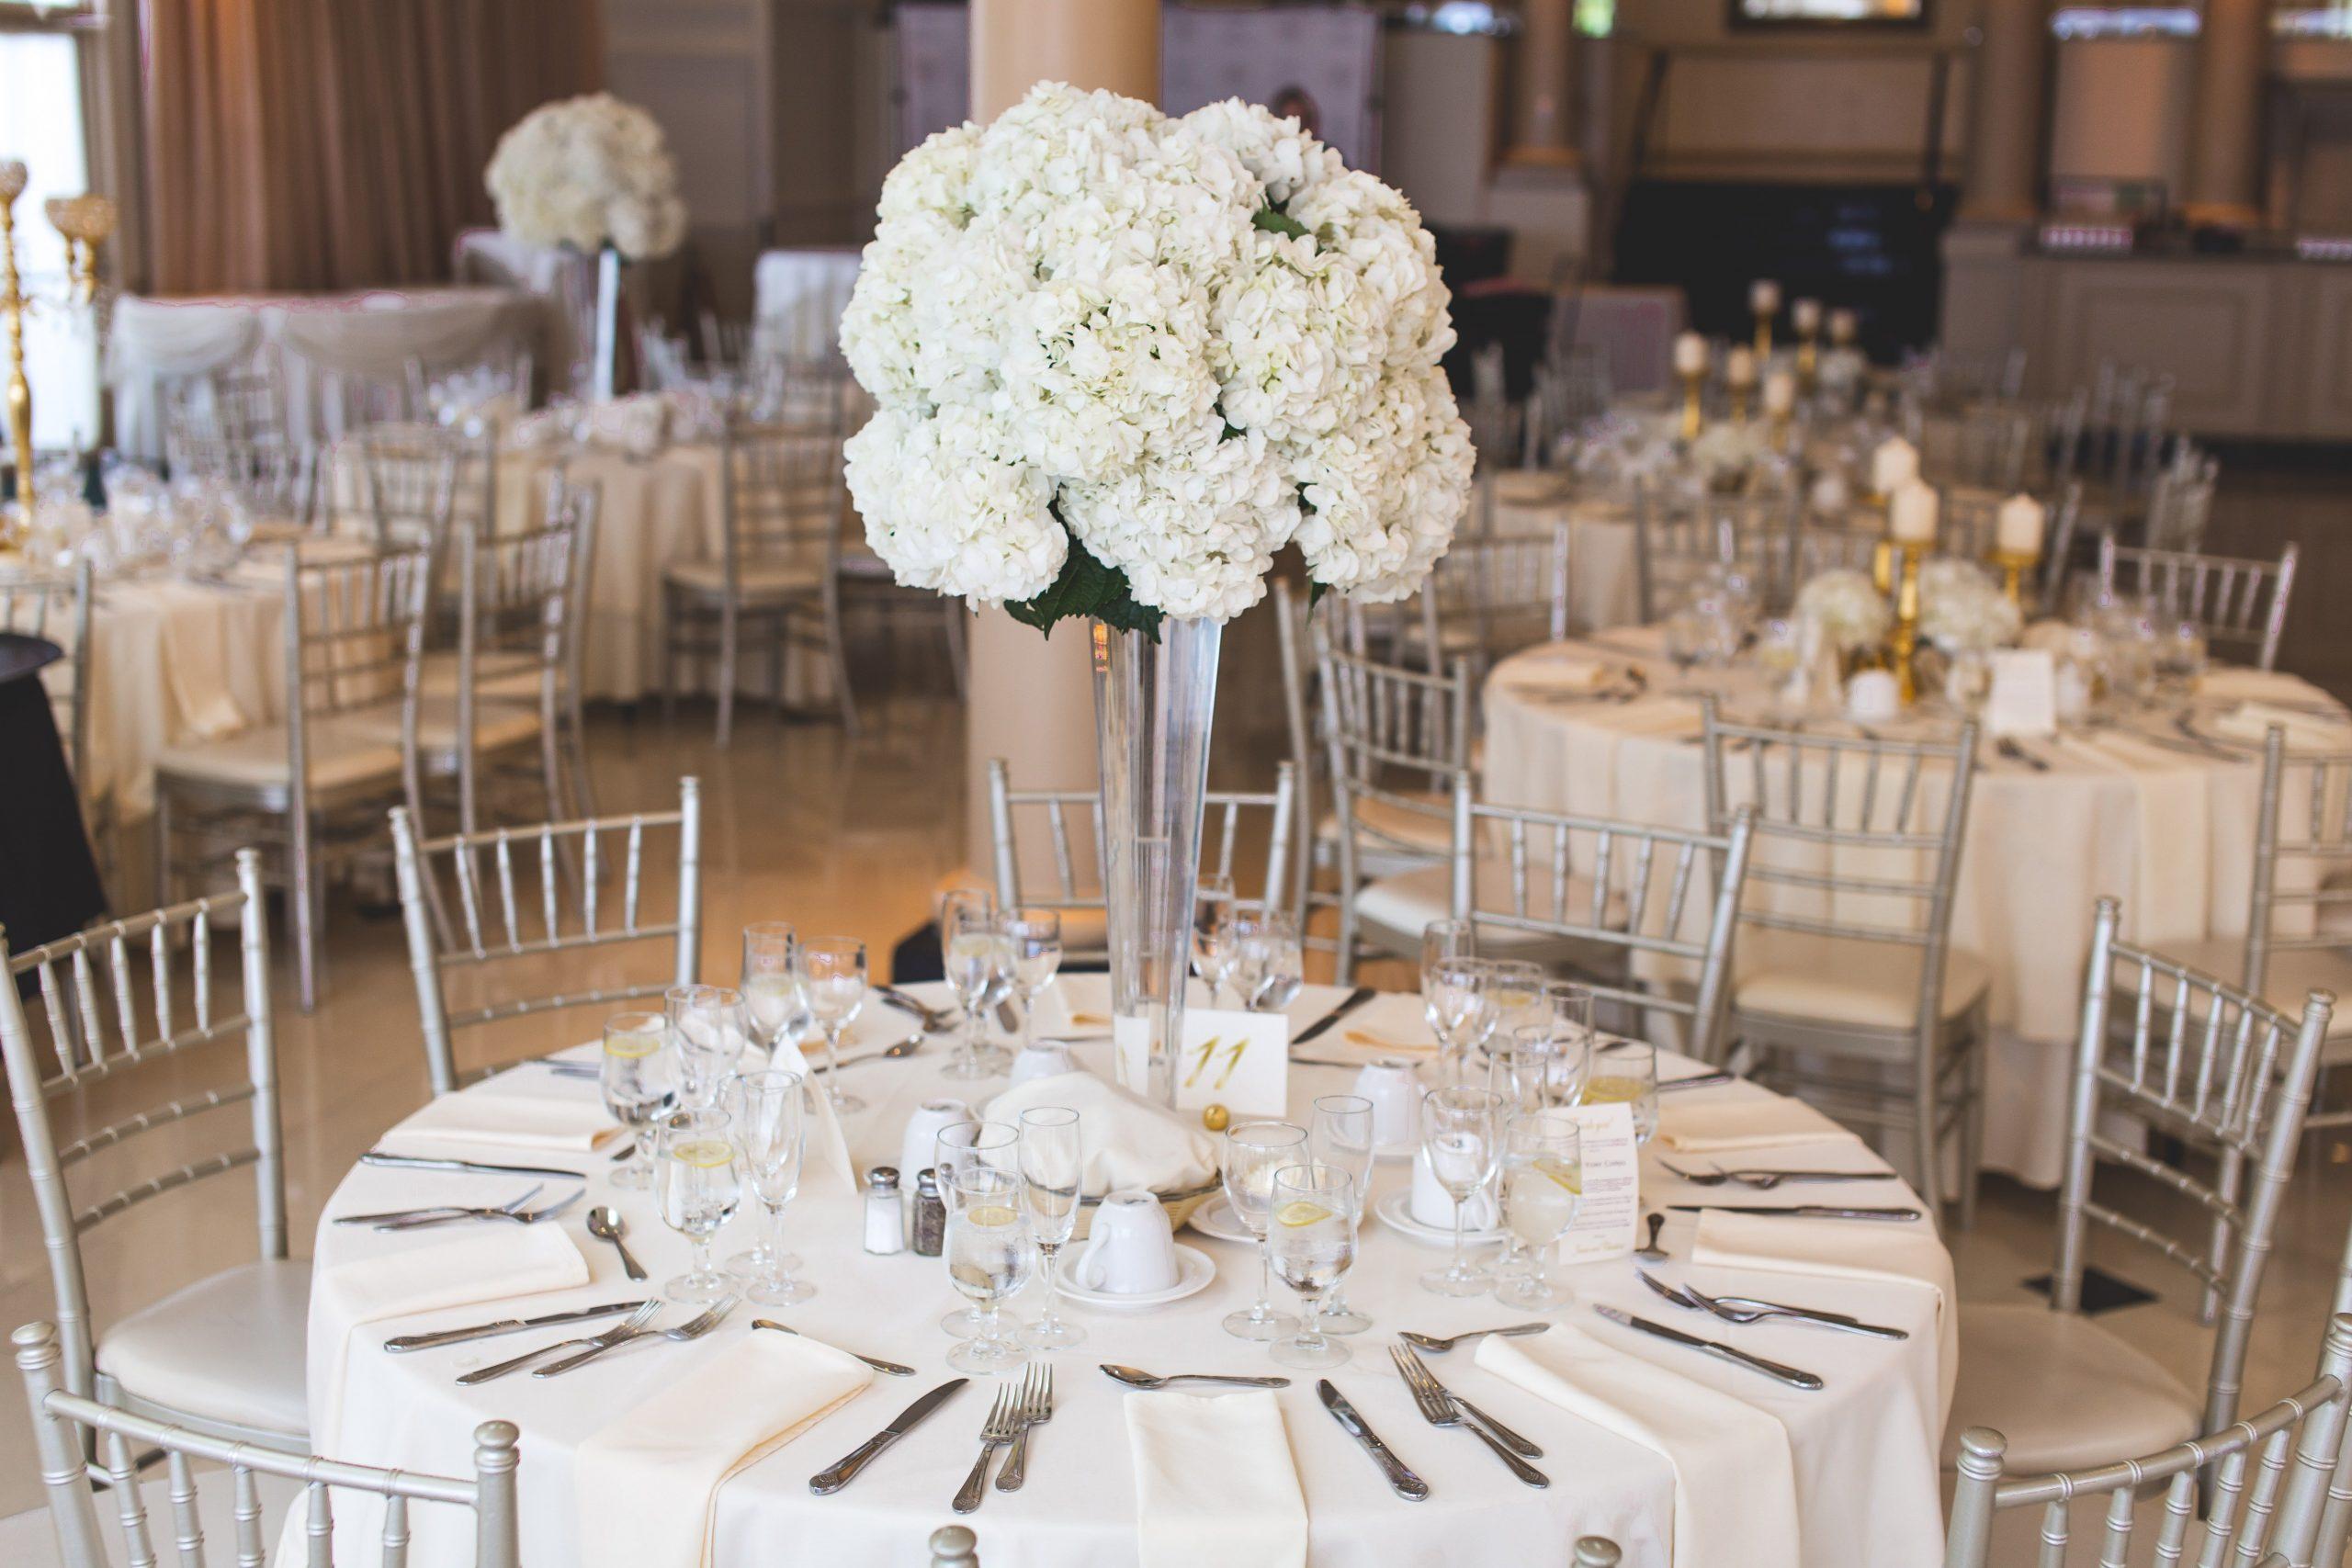 una mesa con los cubiertos y flores de decoración